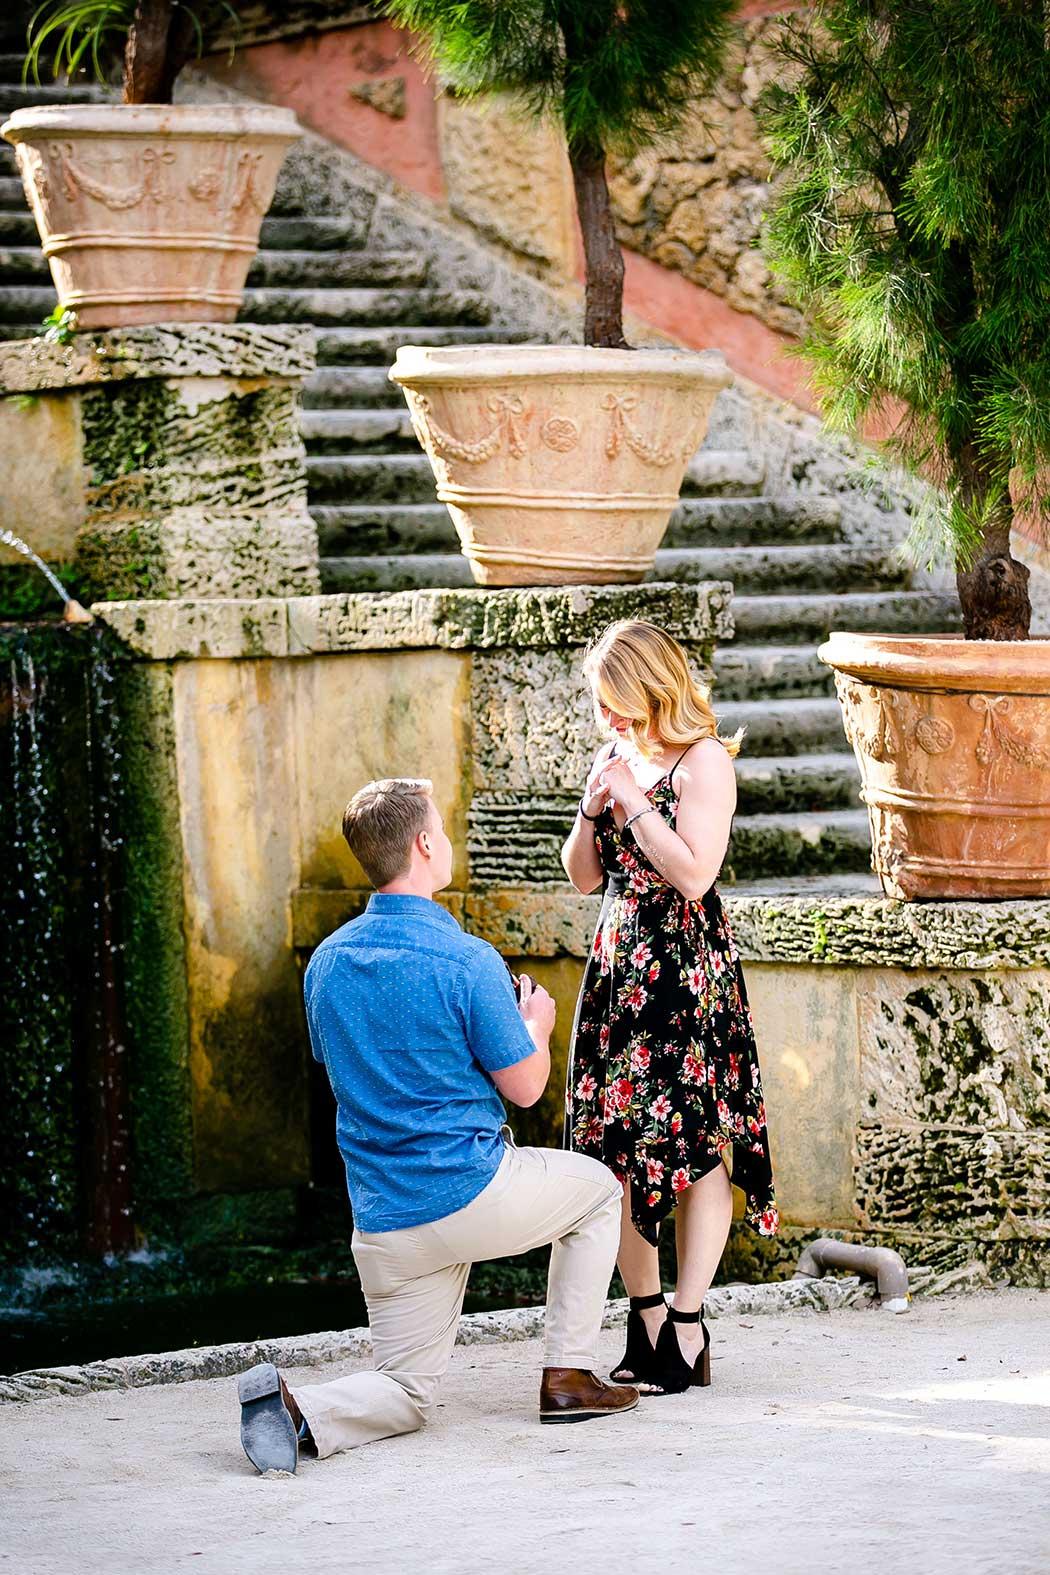 surprise wedding proposal photoshoot at Vizcaya Museum | engagement photoshoot vizcaya | surprise engagement photos at vizcaya